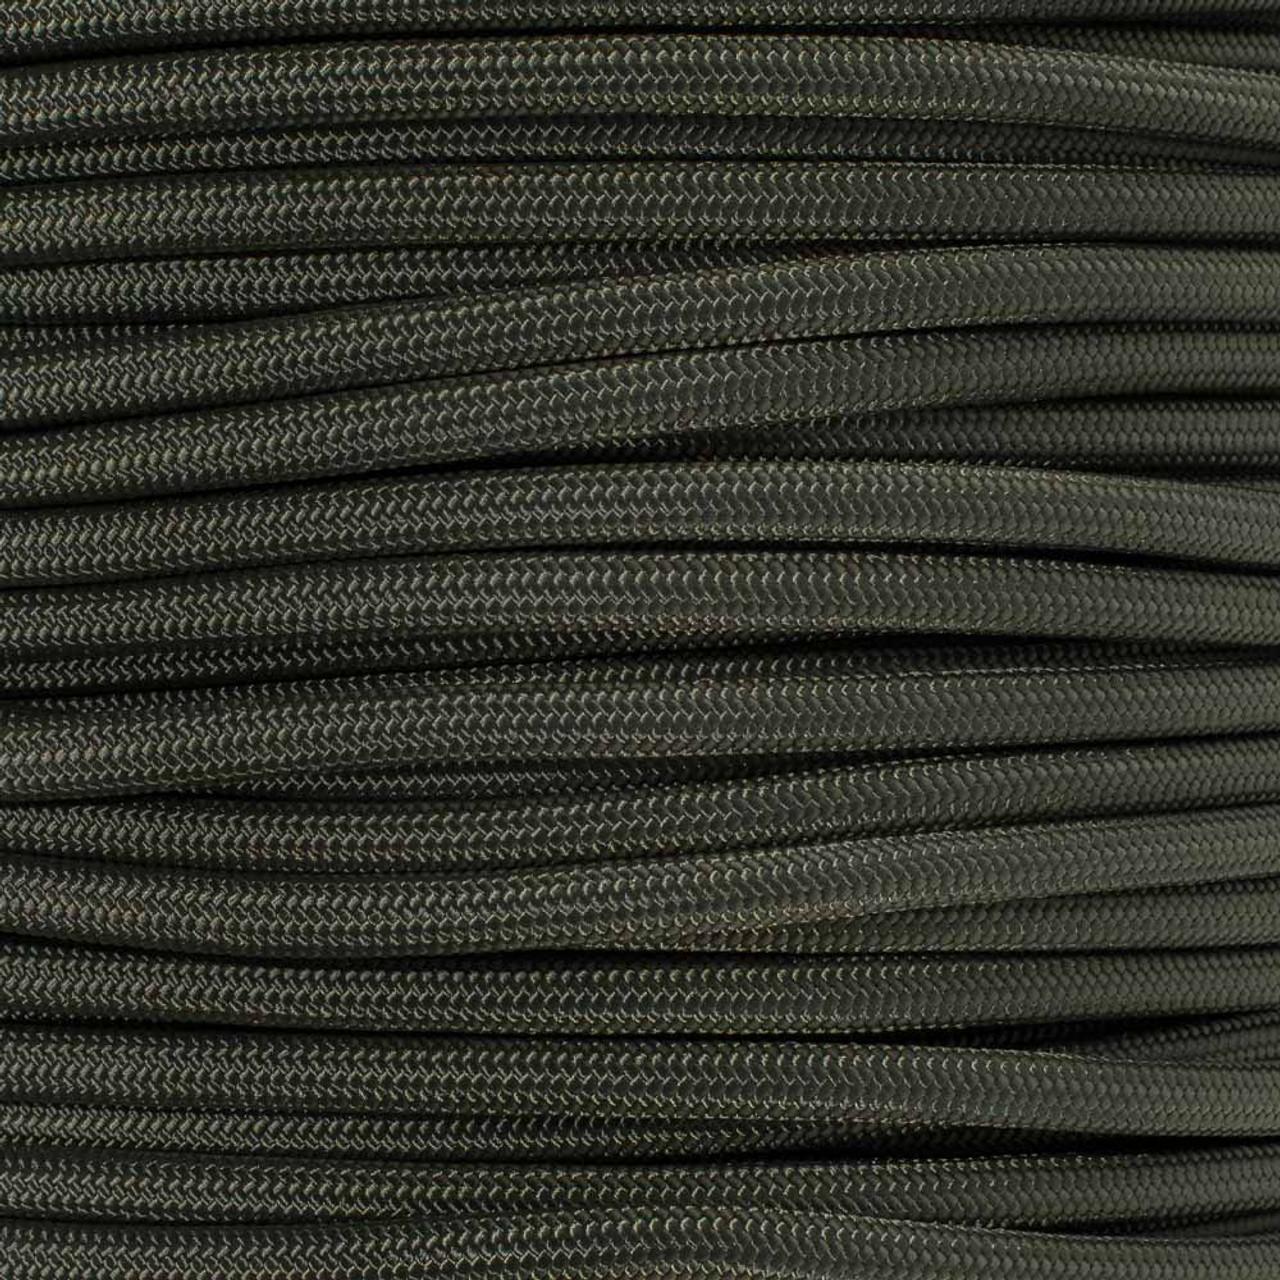 Nguyên bản màu olive Paracord